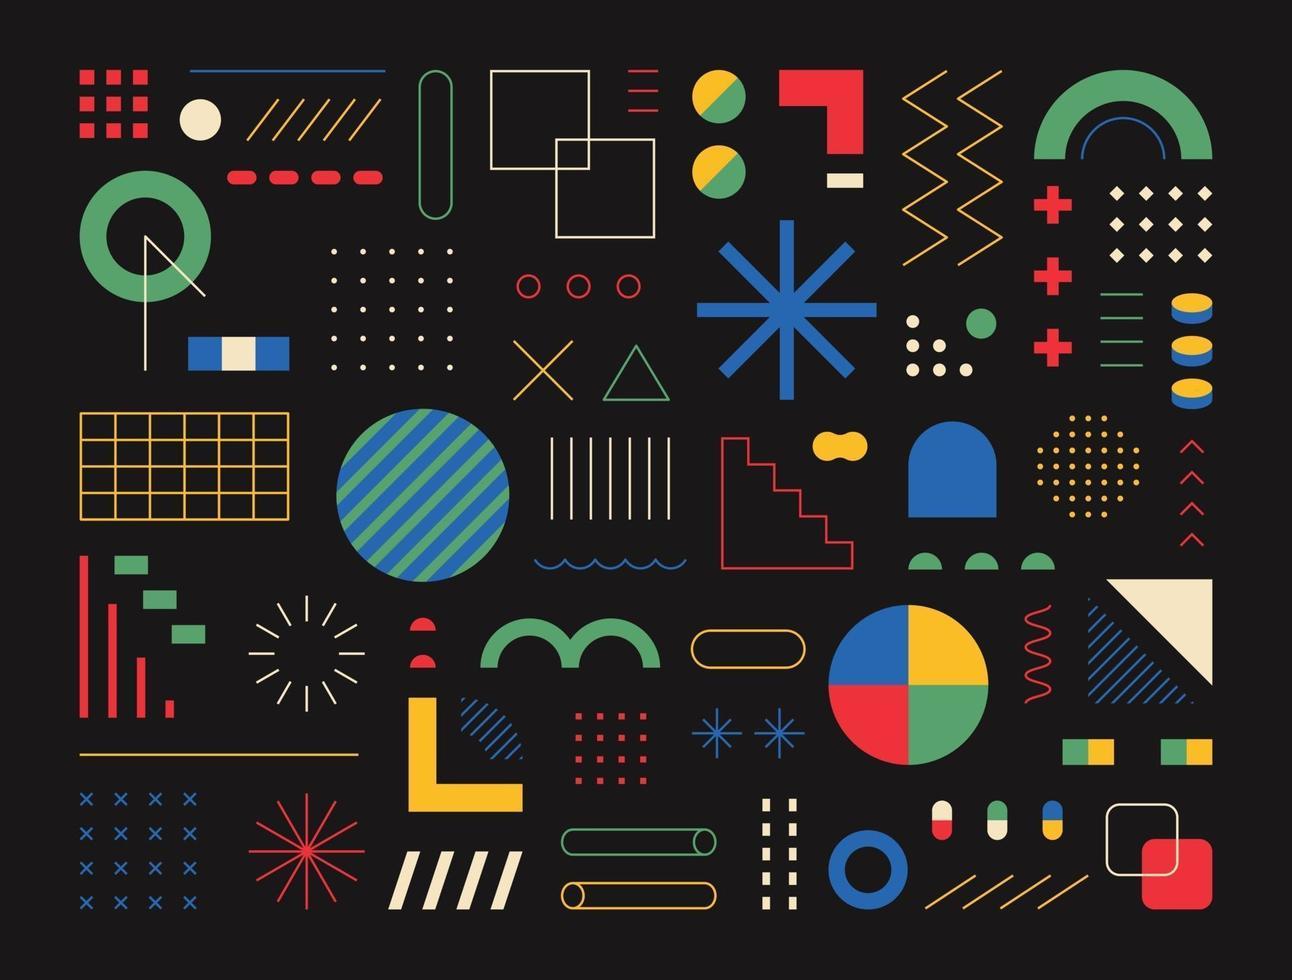 retrostil design bestående av olika former och mönster. svart bakgrund. enkel mönster formgivningsmall. vektor